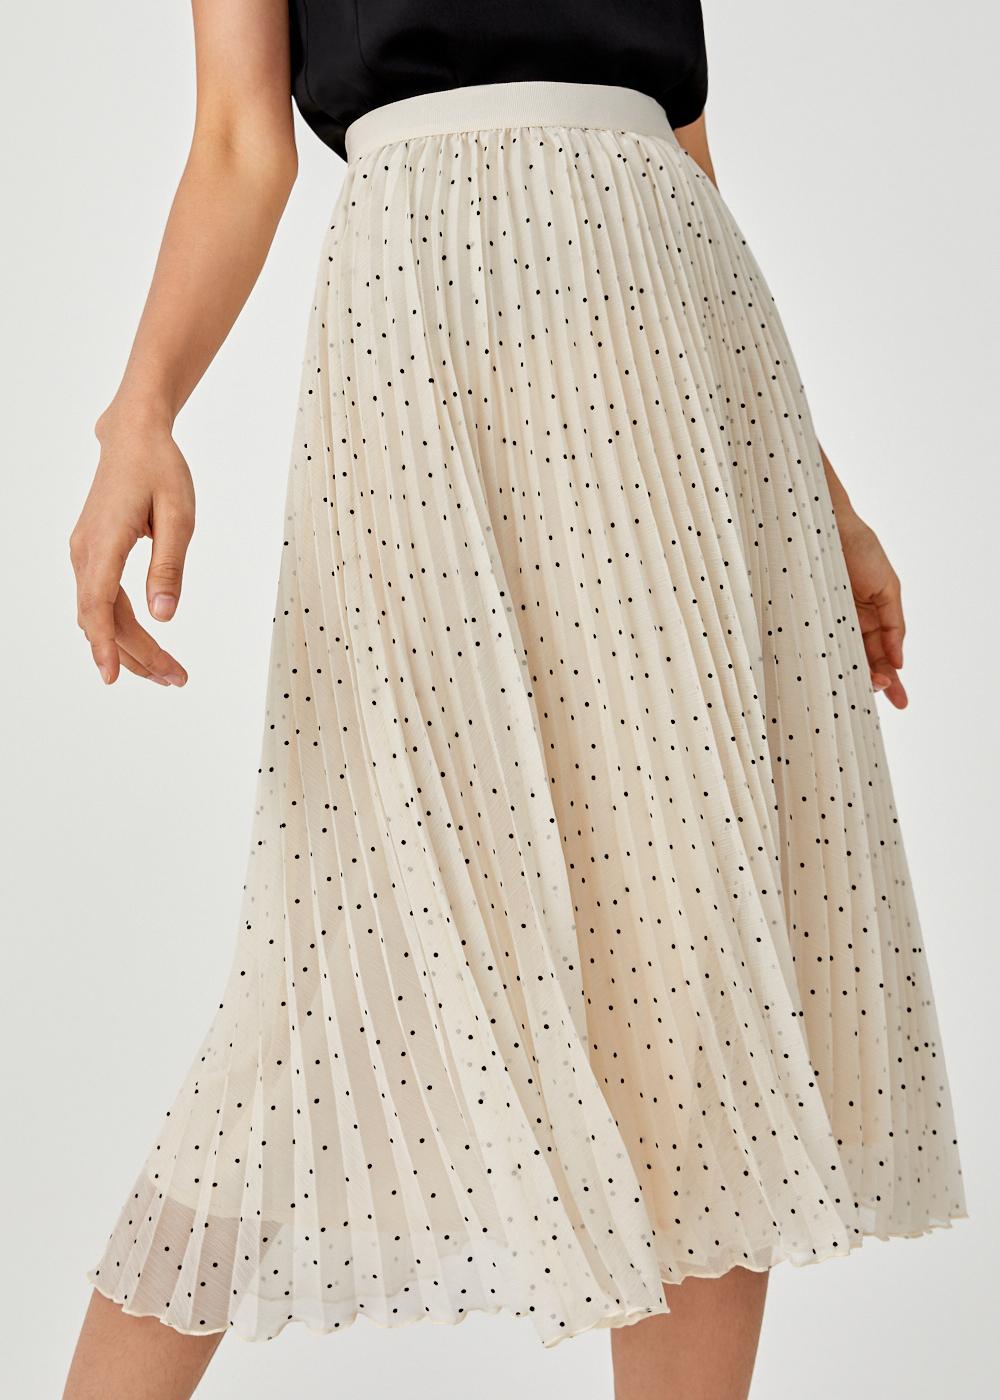 Avie Pleated Midi Skirt